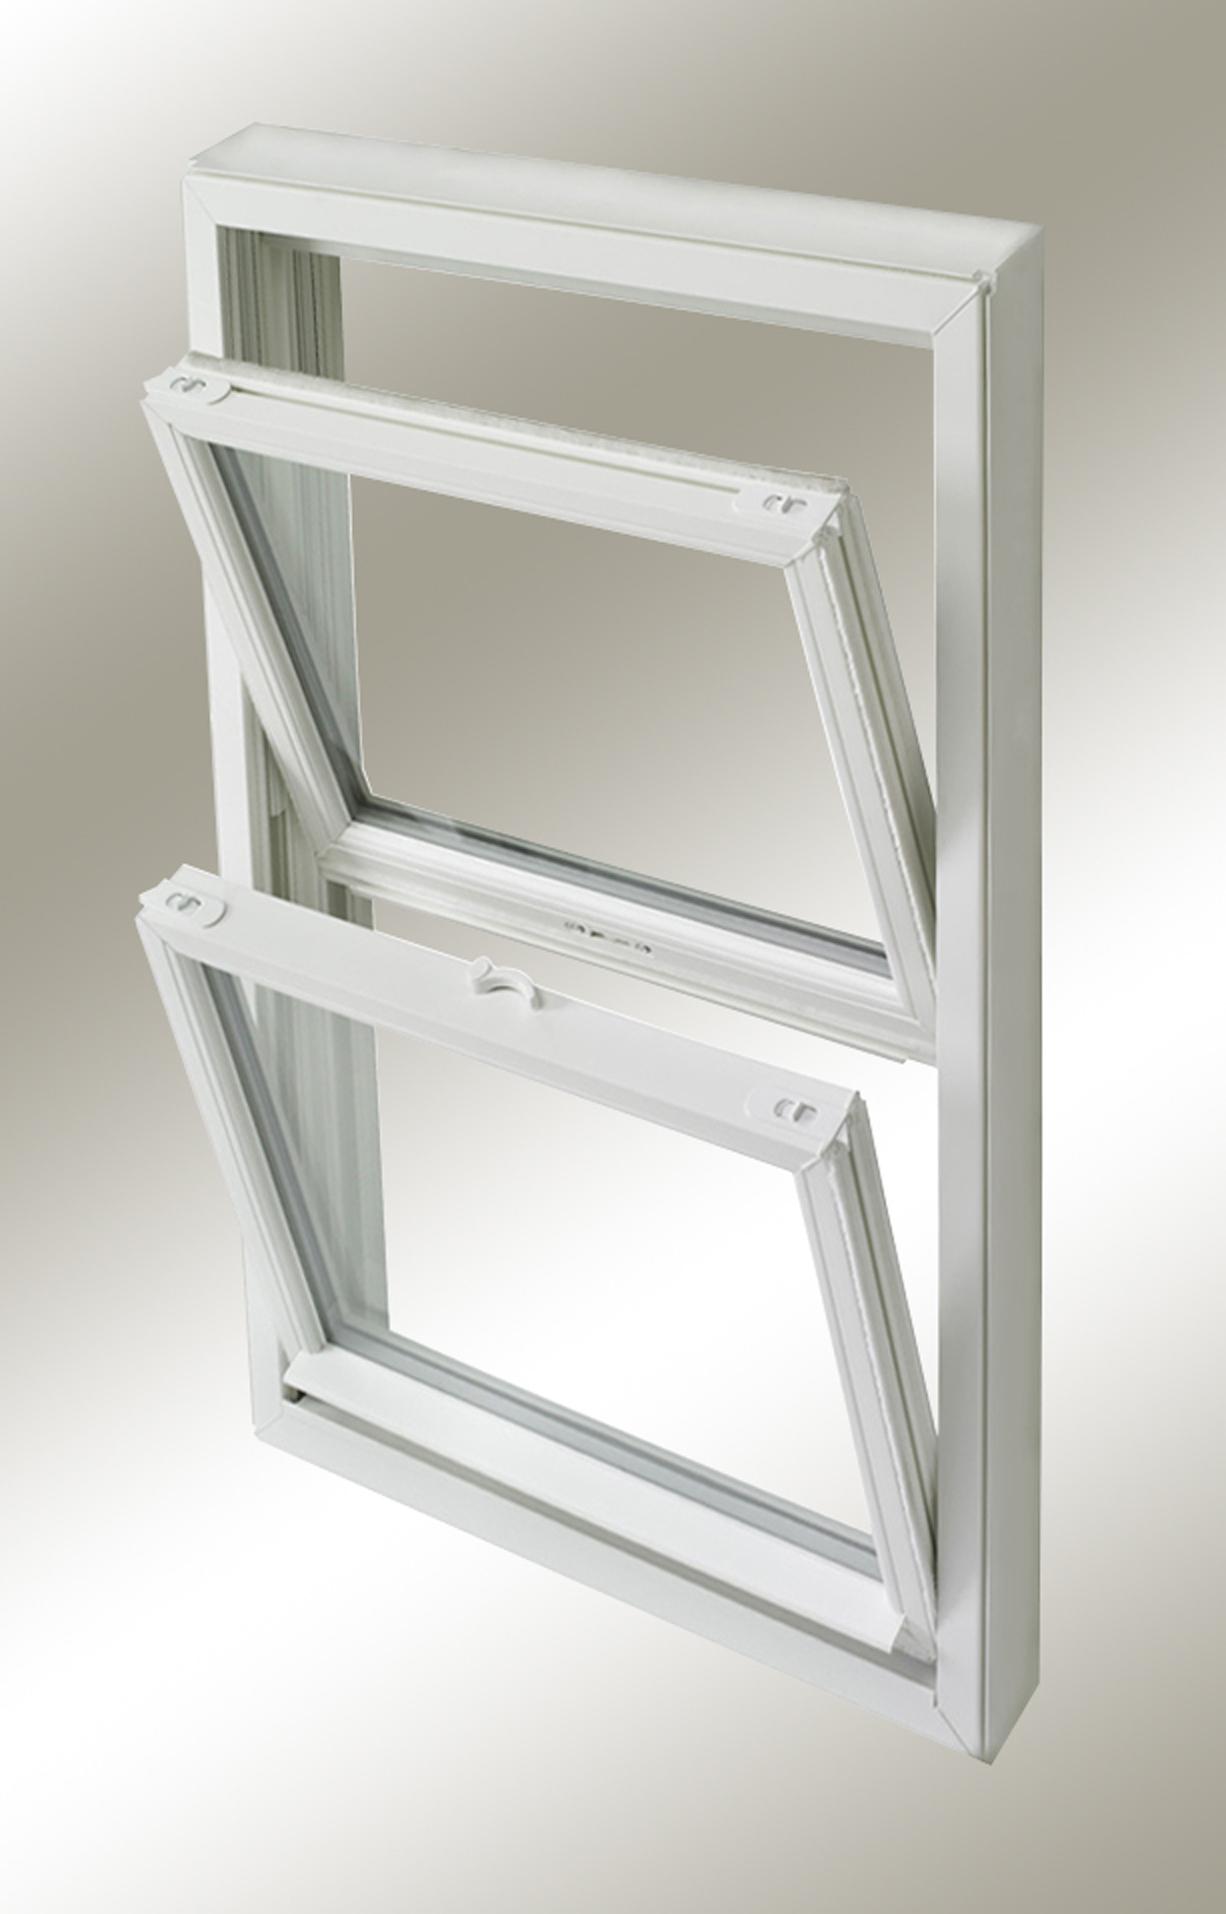 Crestline doors member logo for best windows u0026 for Top 5 replacement windows